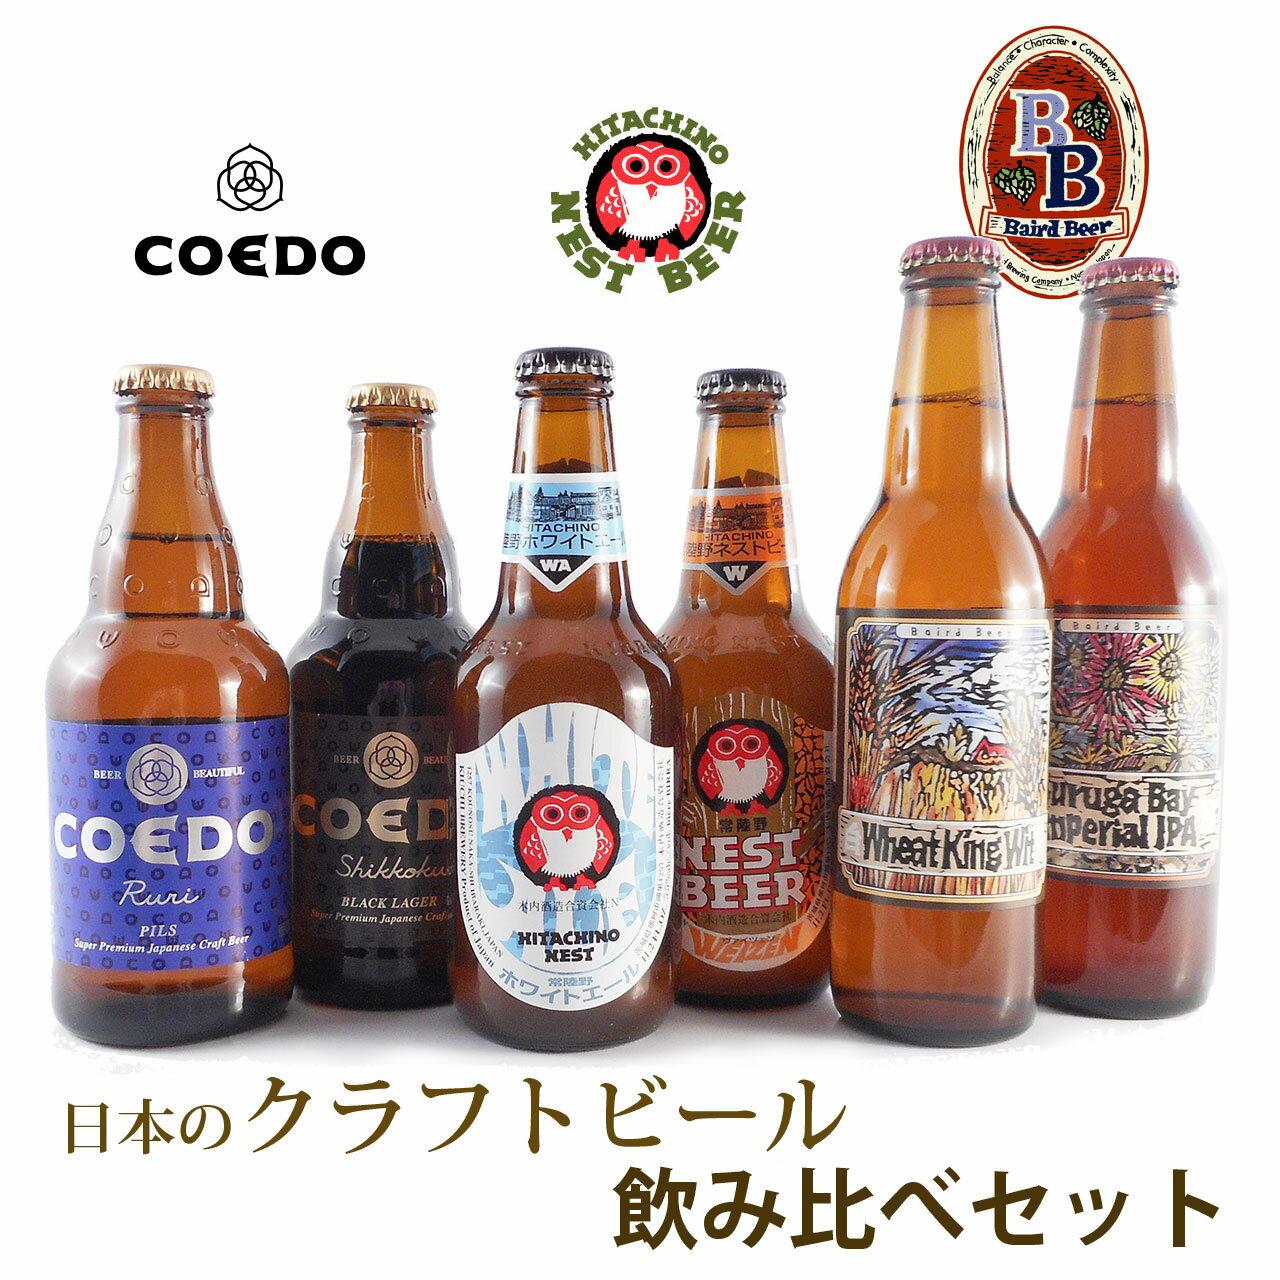 【ラッキーシール対応】バレンタイン ギフト 日本のクラフトビール 飲み比べセット コエドビール・常陸野ネスト・ベアードビール 6本 国産クラフトビール・地ビール 送料無料 楽ギフ_のし